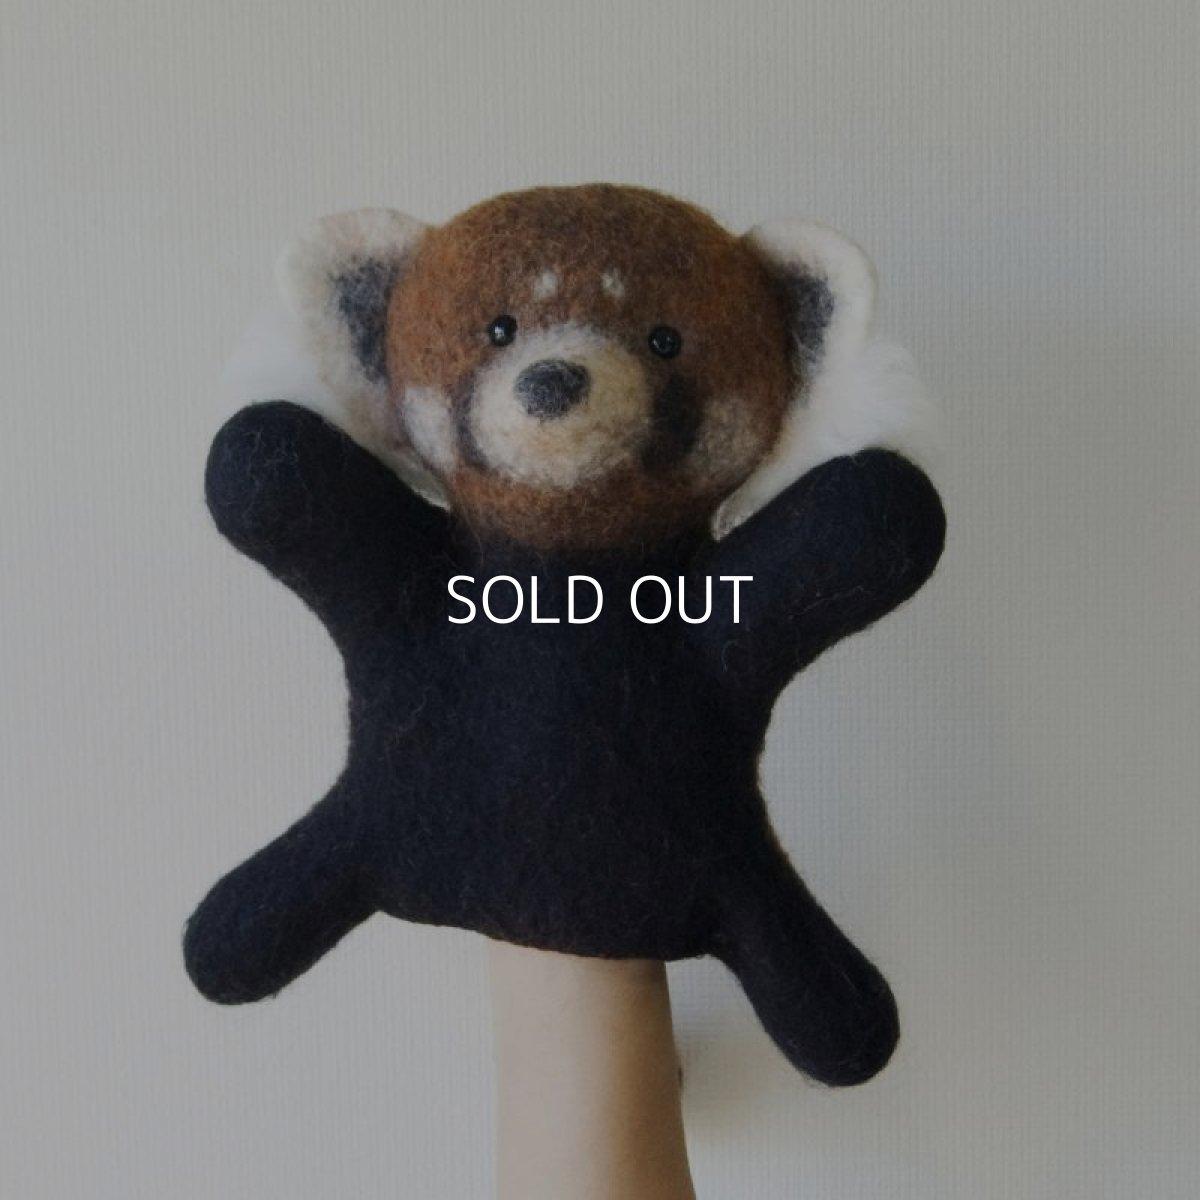 画像1: Red Panda レッサーパンダのパペット人形 (1)